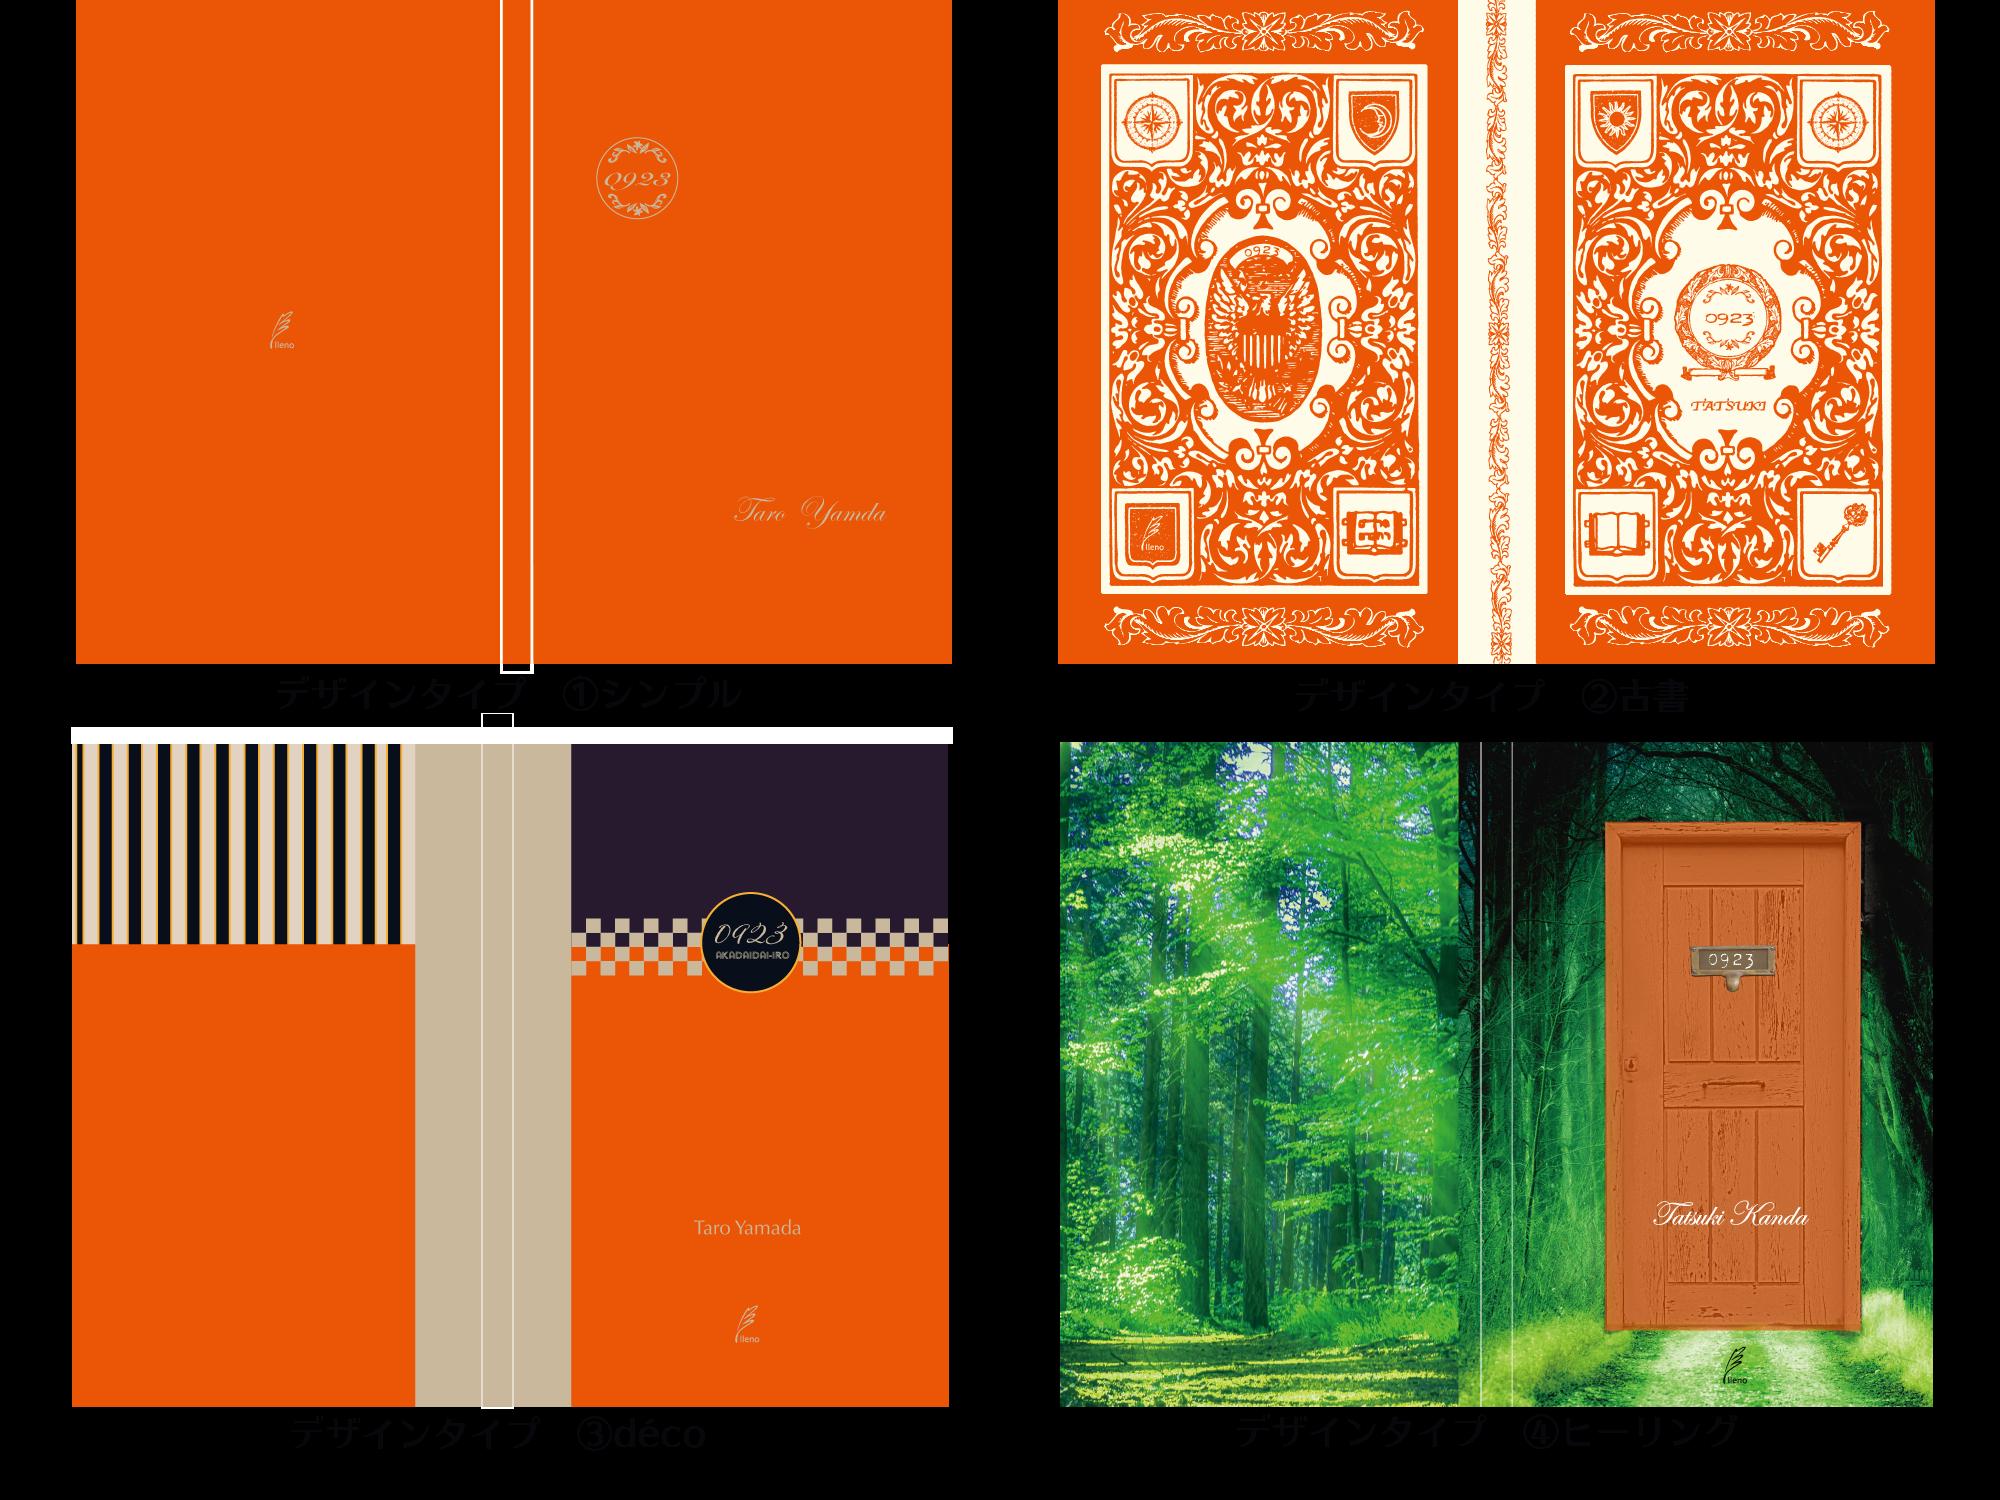 運命のノート『9月23日 赤橙色』(鑑定&メッセージカード付)